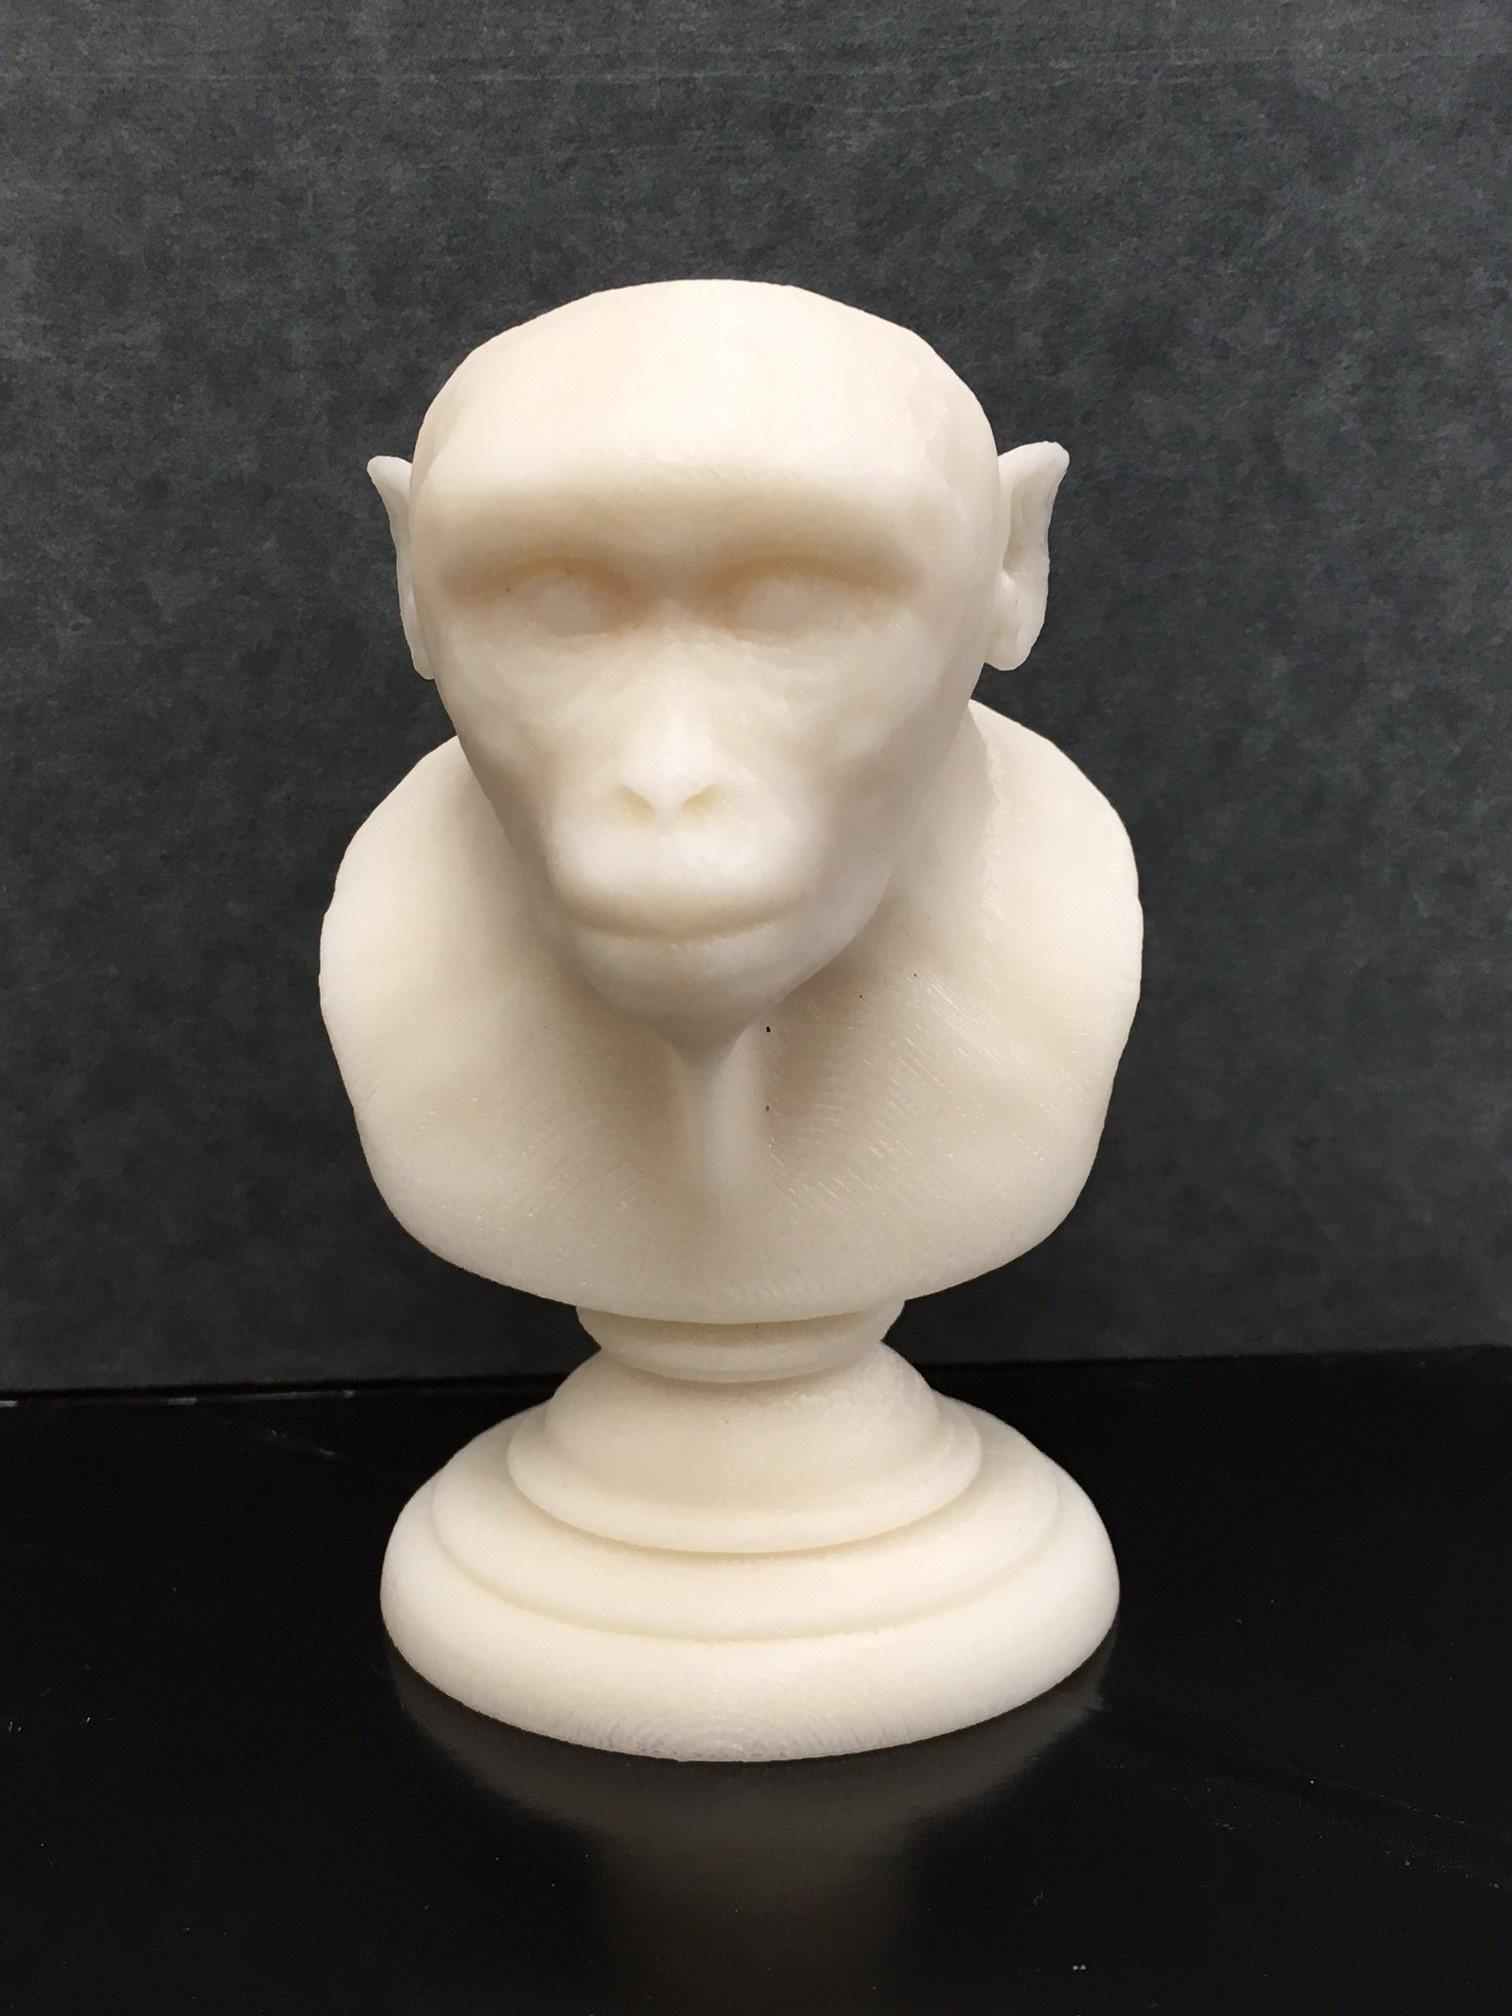 Monkey bust model